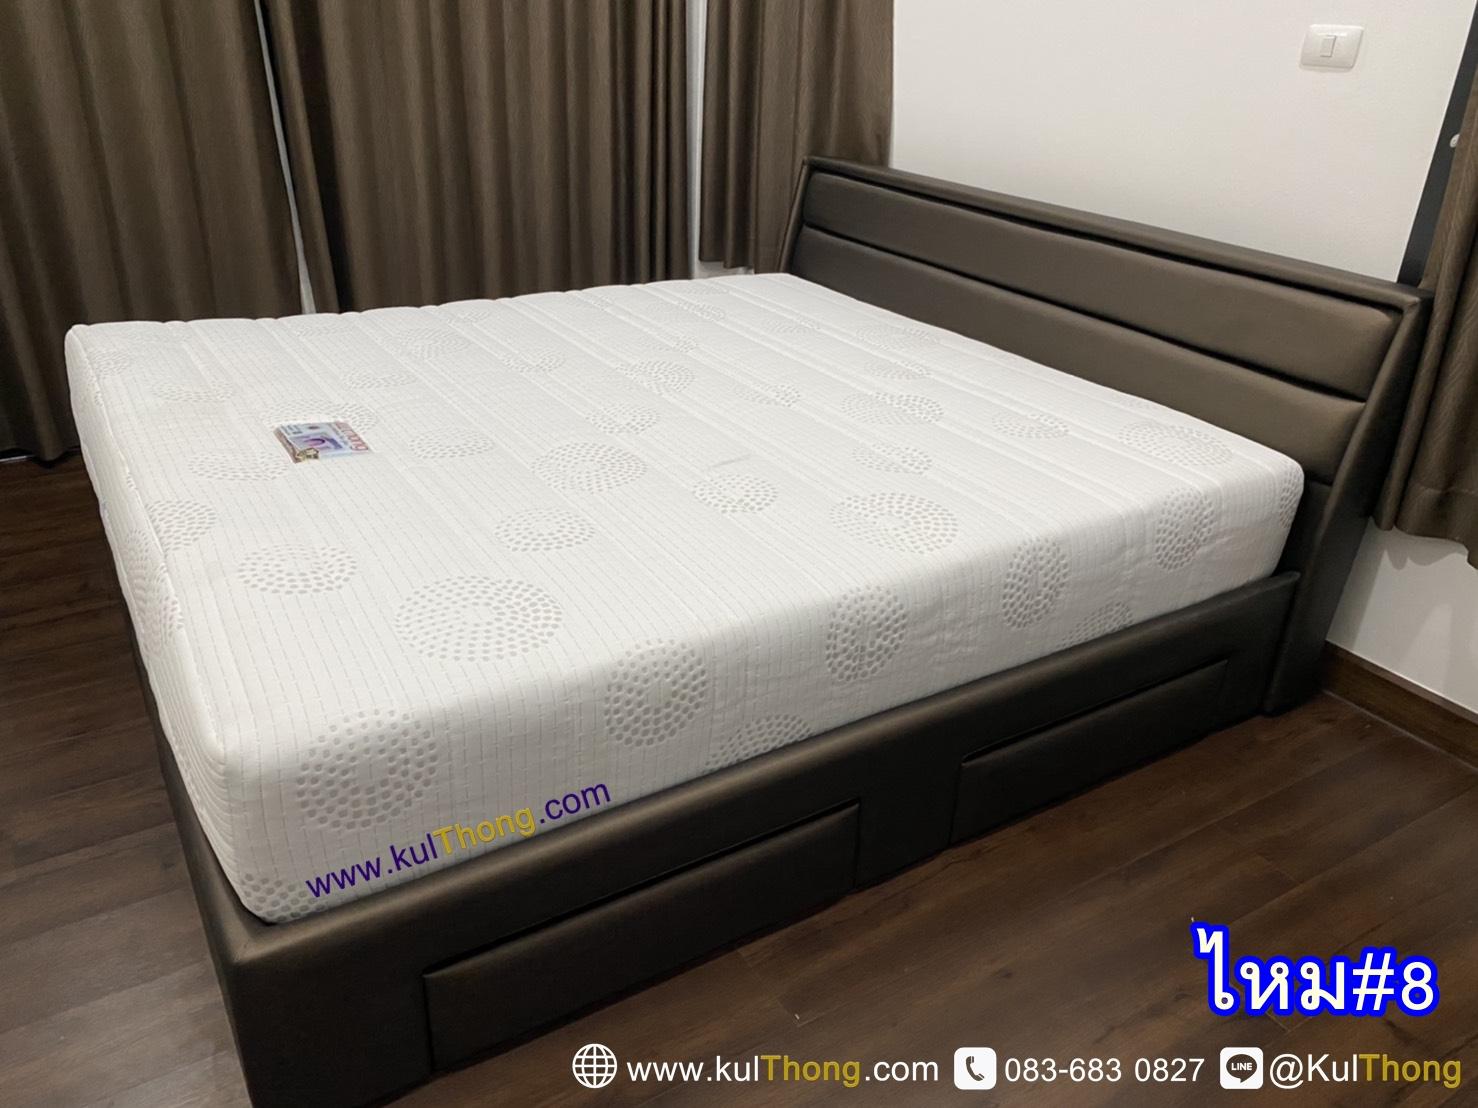 เตียงนอนมีลิ้นชัก เตียงมีช่องเก็บของ เตียงซ่อนของ